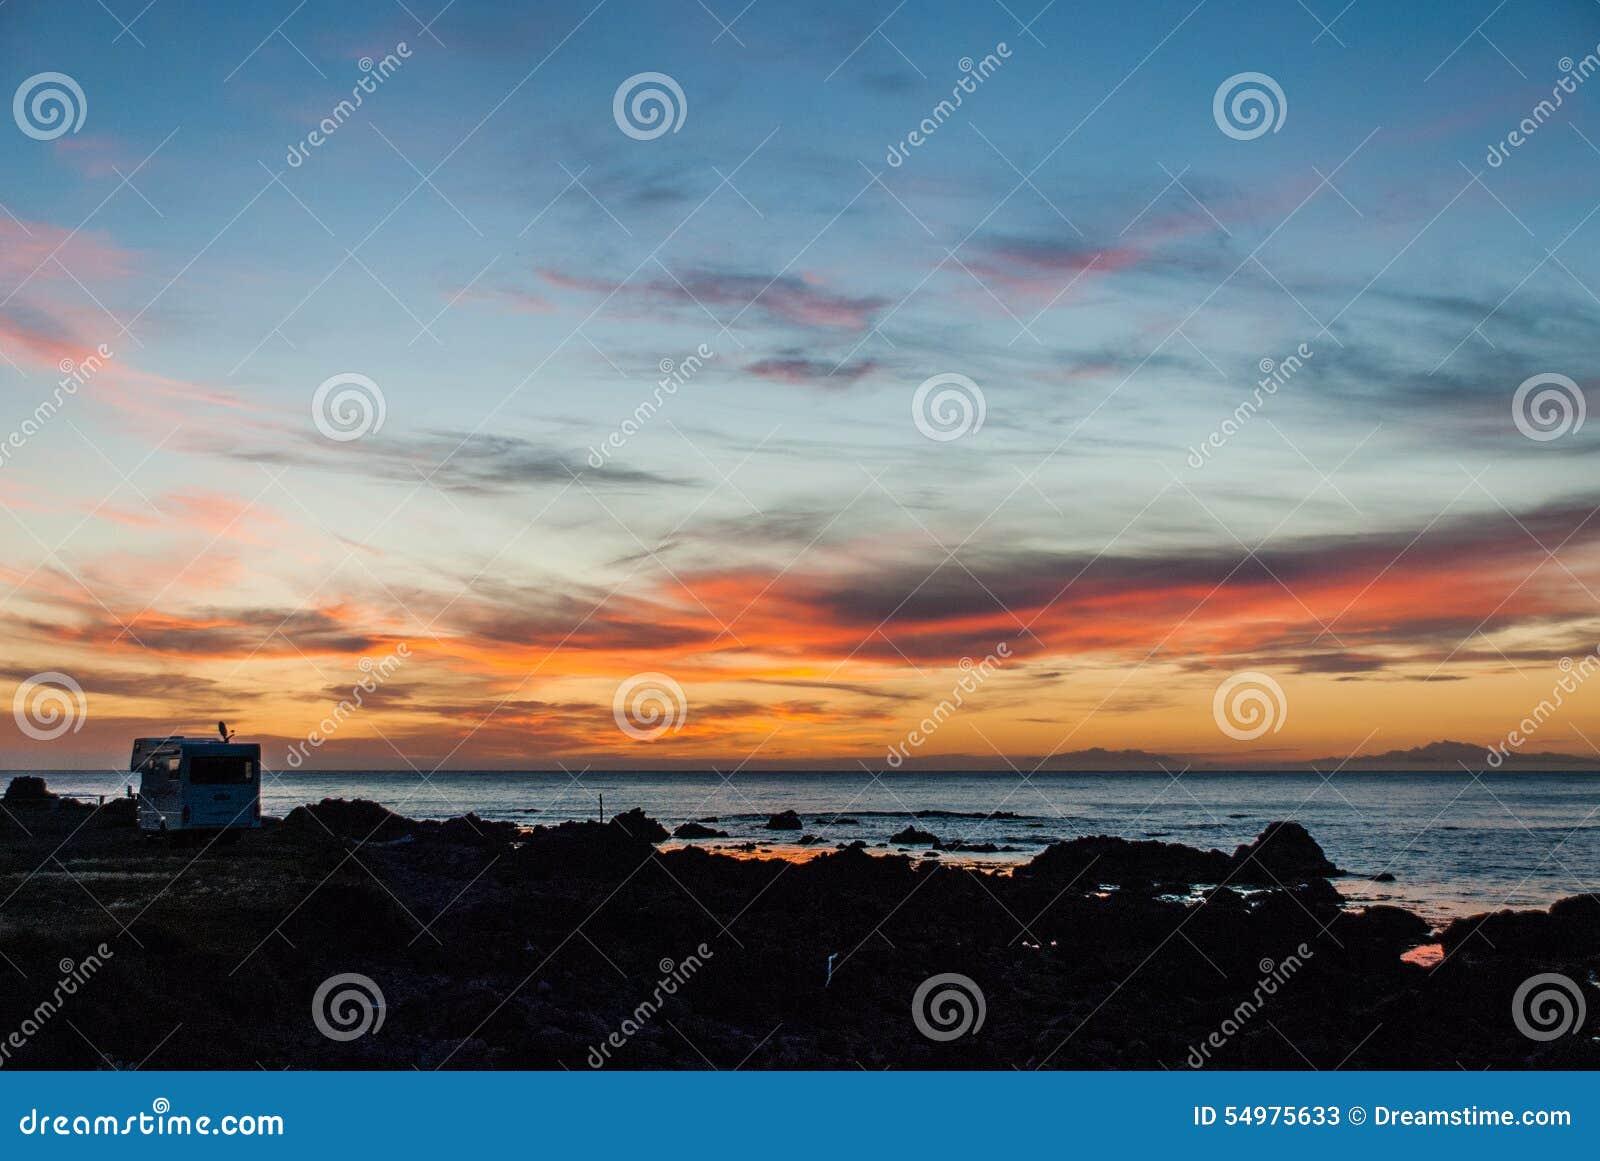 Puesta del sol sobre la isla del sur de Nueva Zelanda